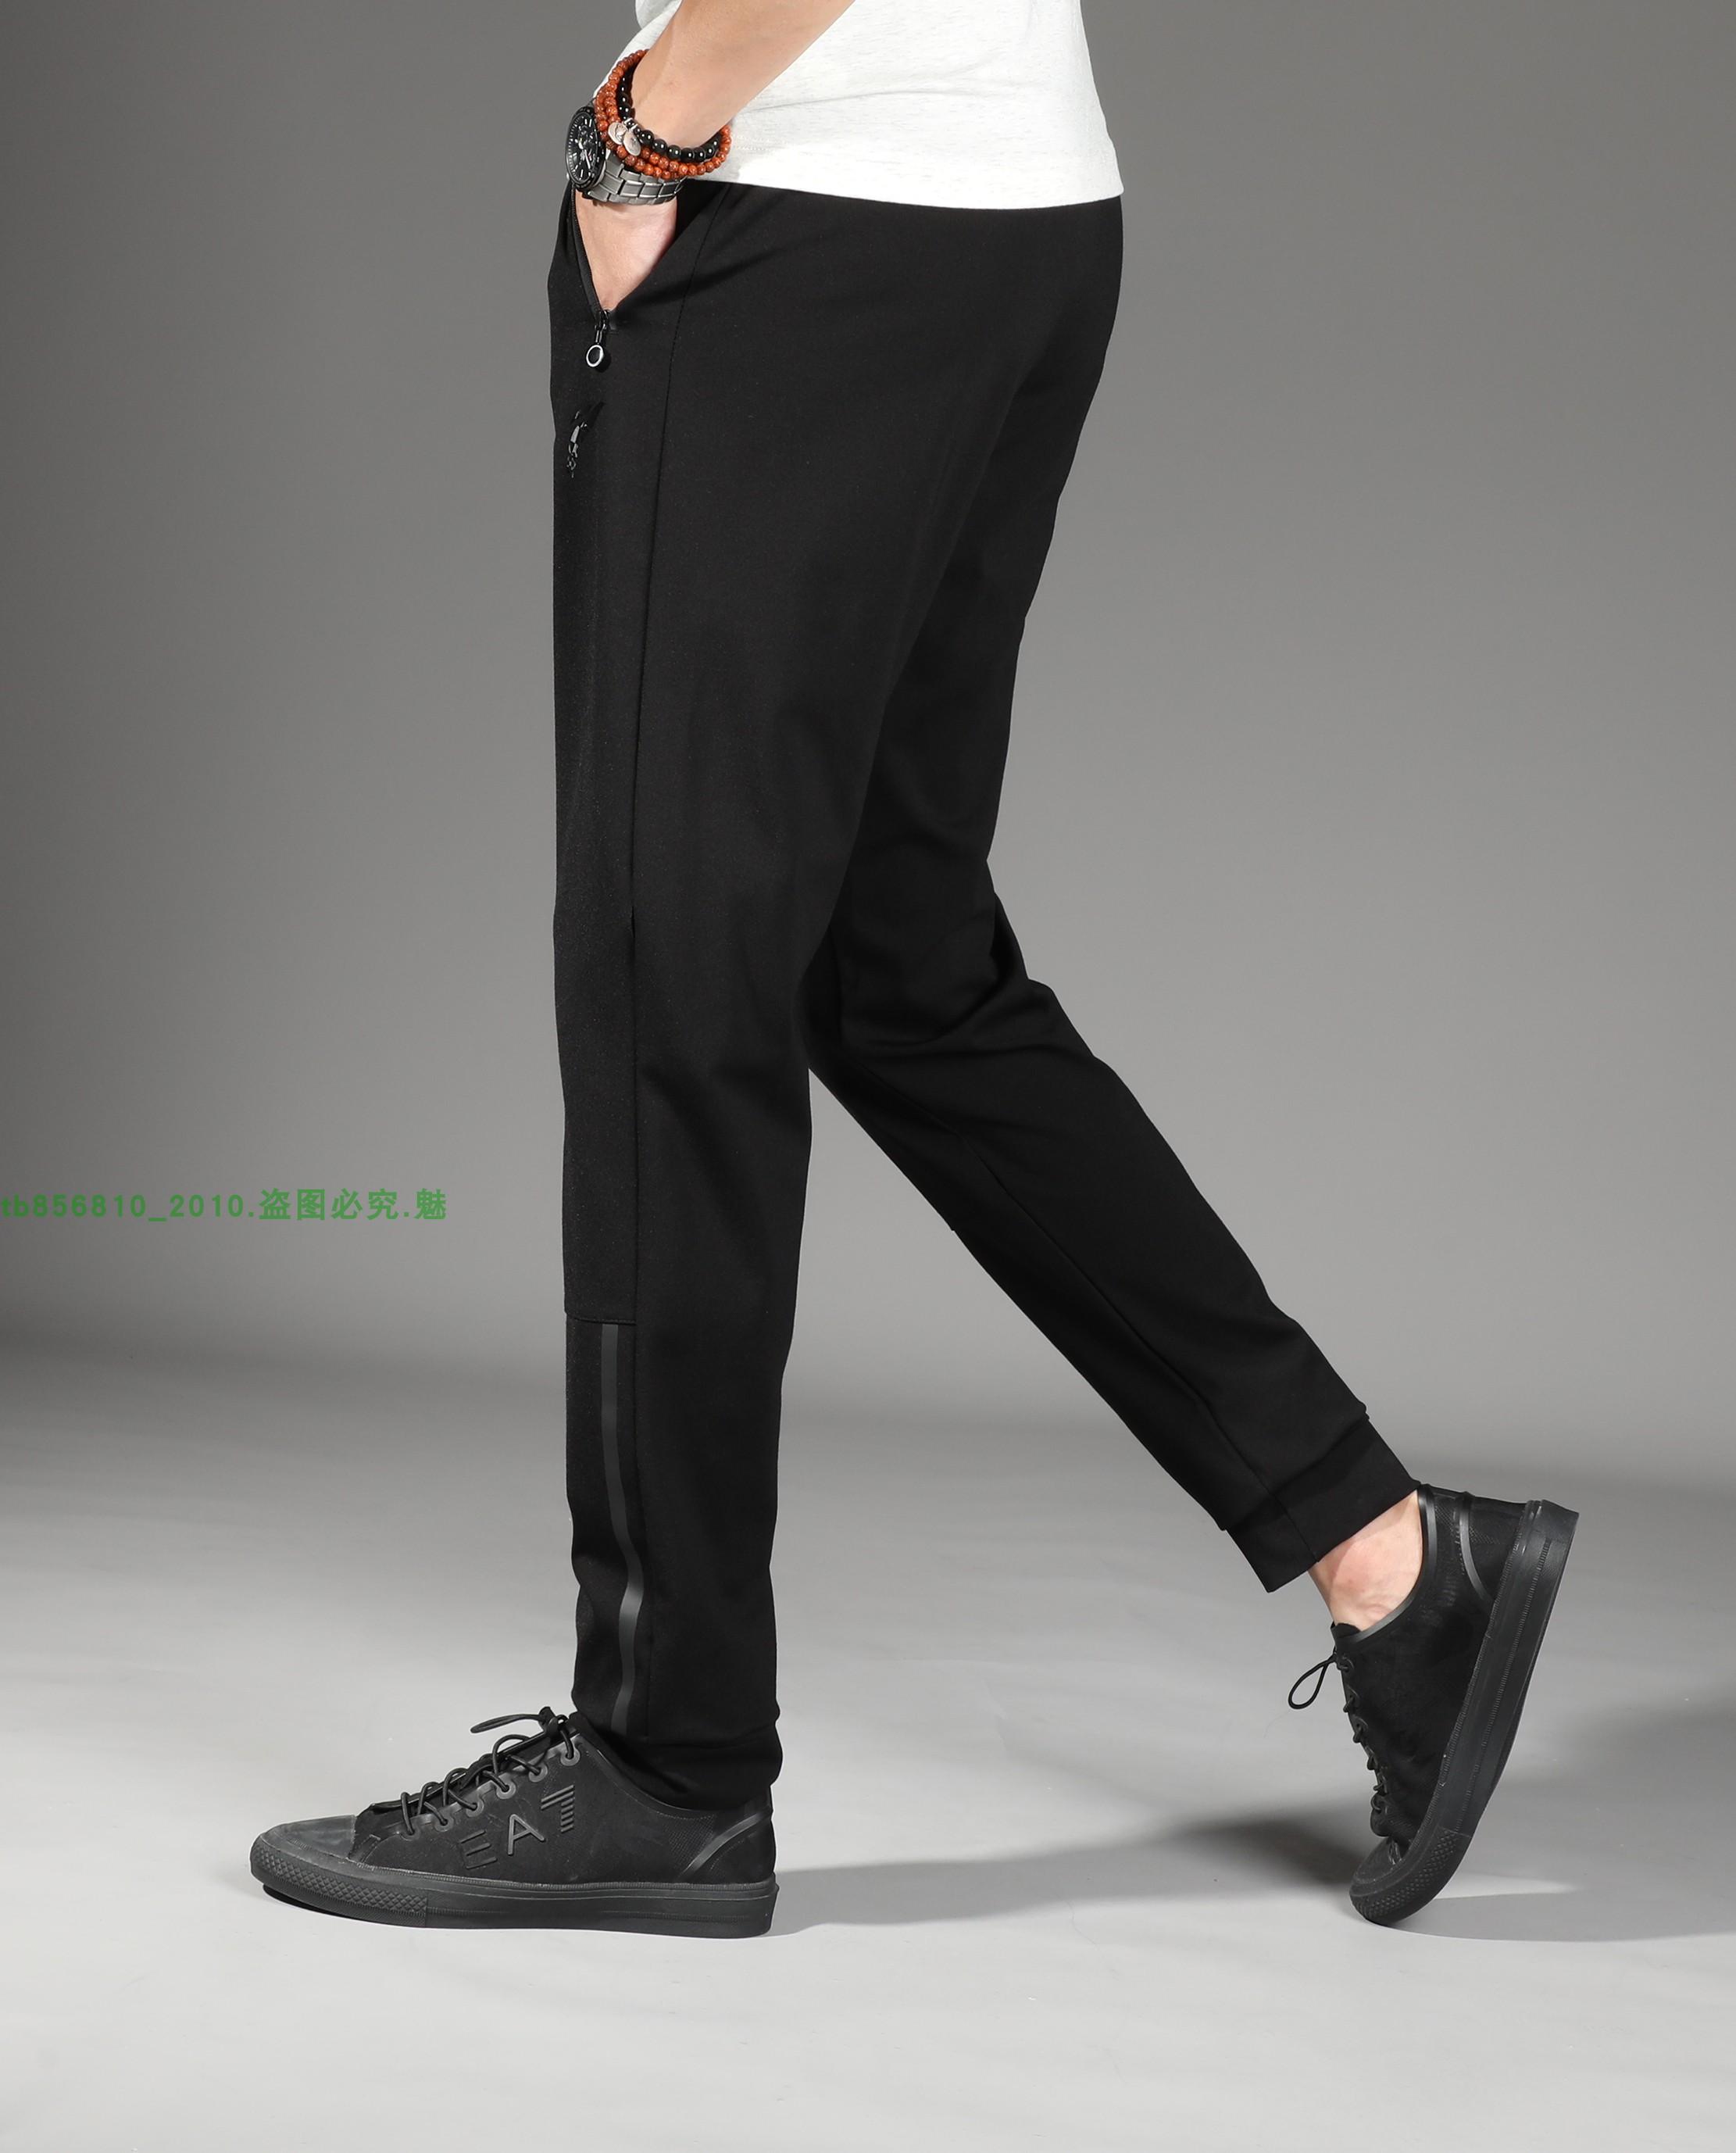 Mùa hè thanh niên dài quần âu nam quần 115 CM Hàn Quốc phiên bản của tự trồng bông phần mỏng đàn hồi thể thao quần chân